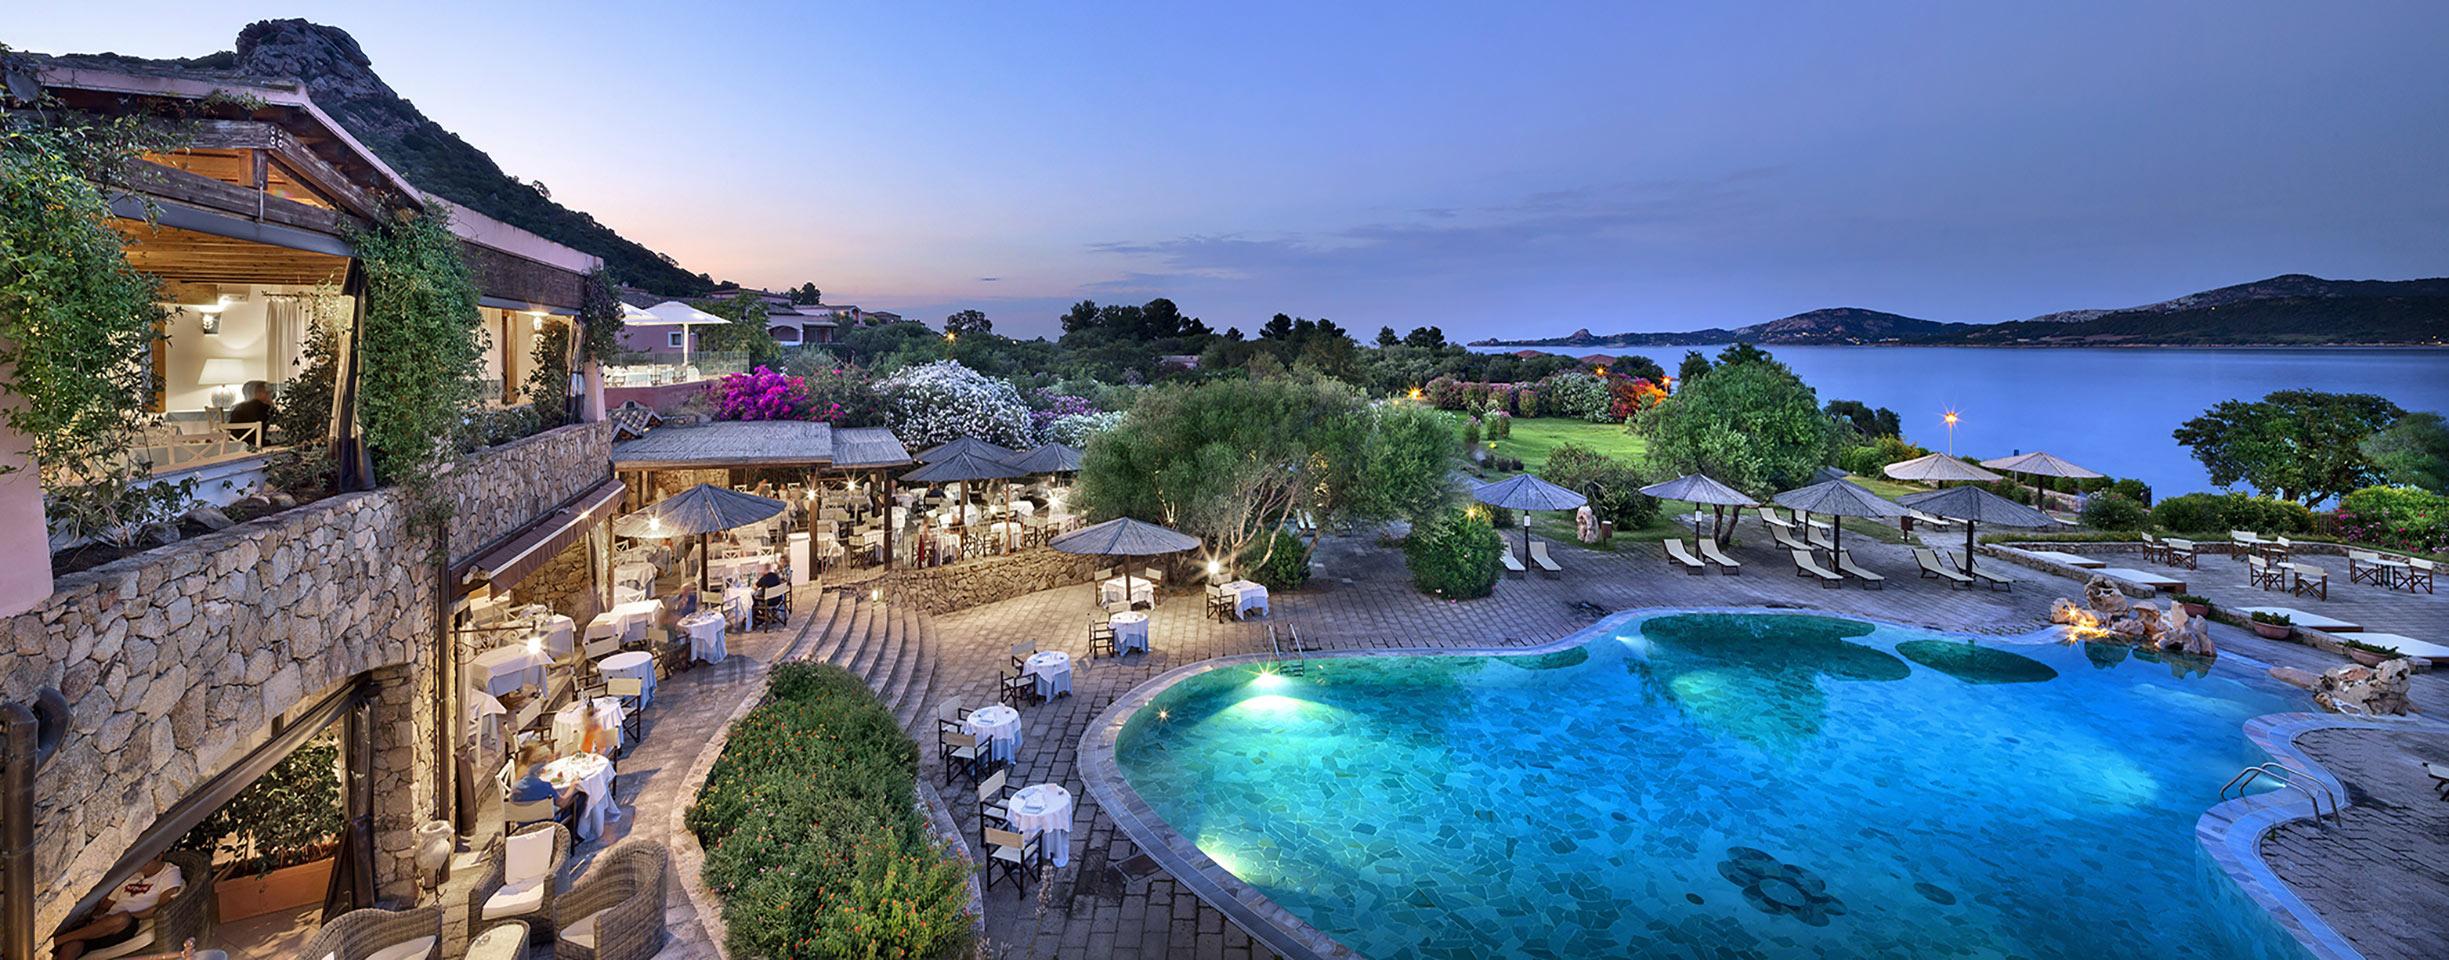 Hotel Resort Cala Di Falco Cannigione Arzachena